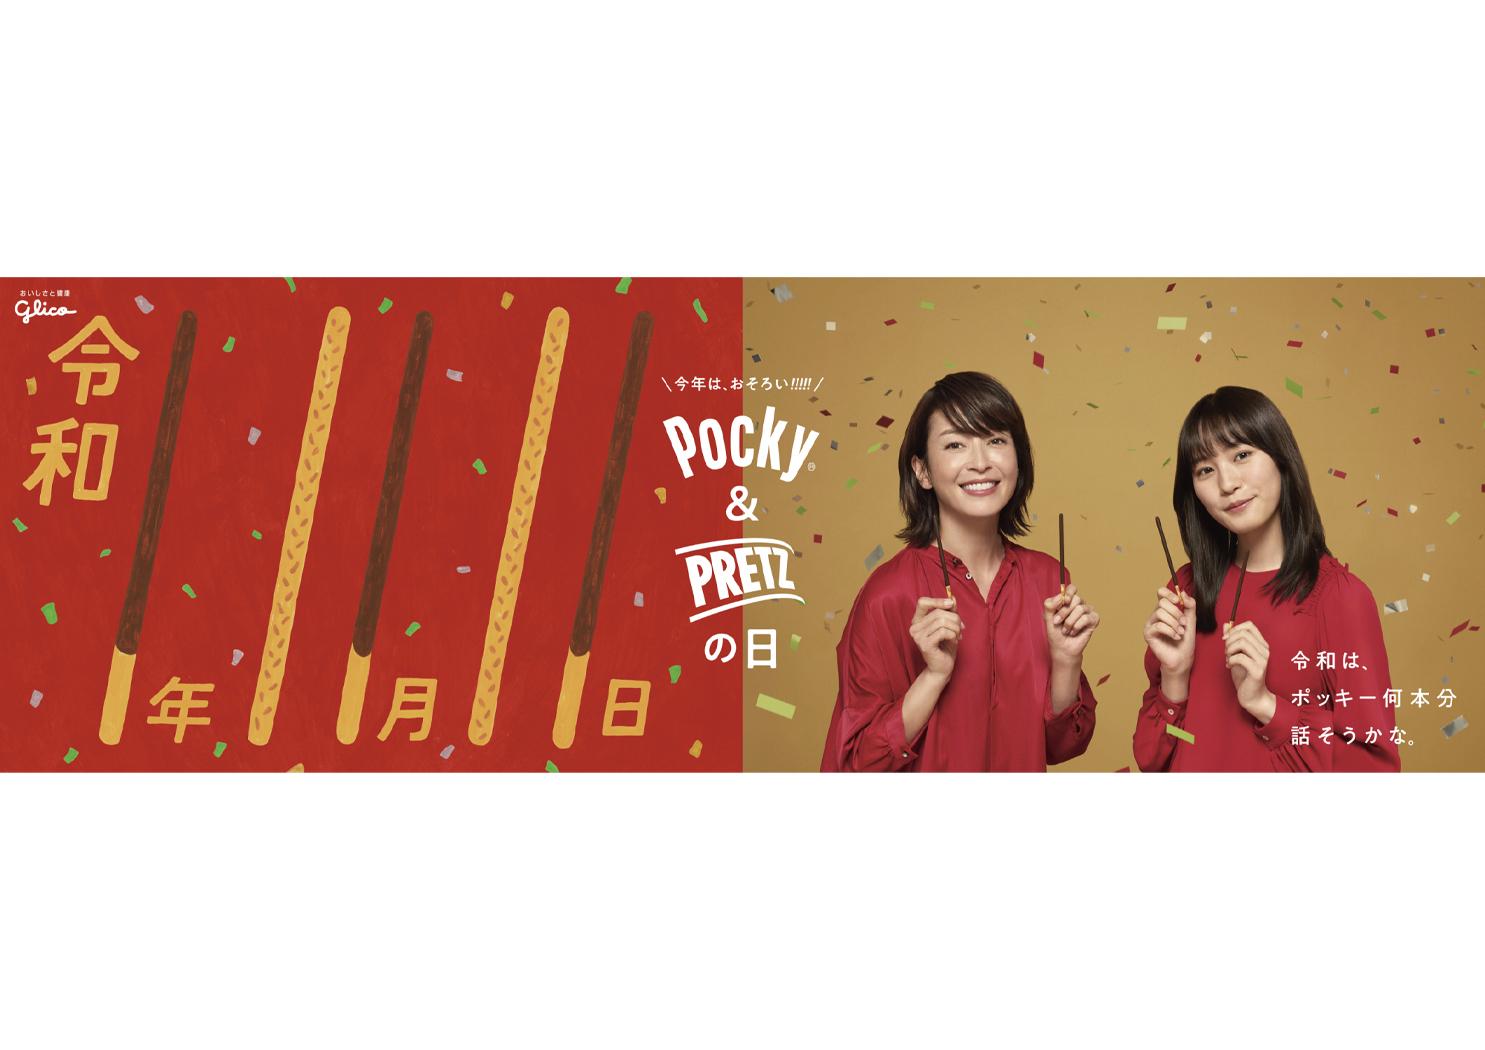 glico Pocky 11.11